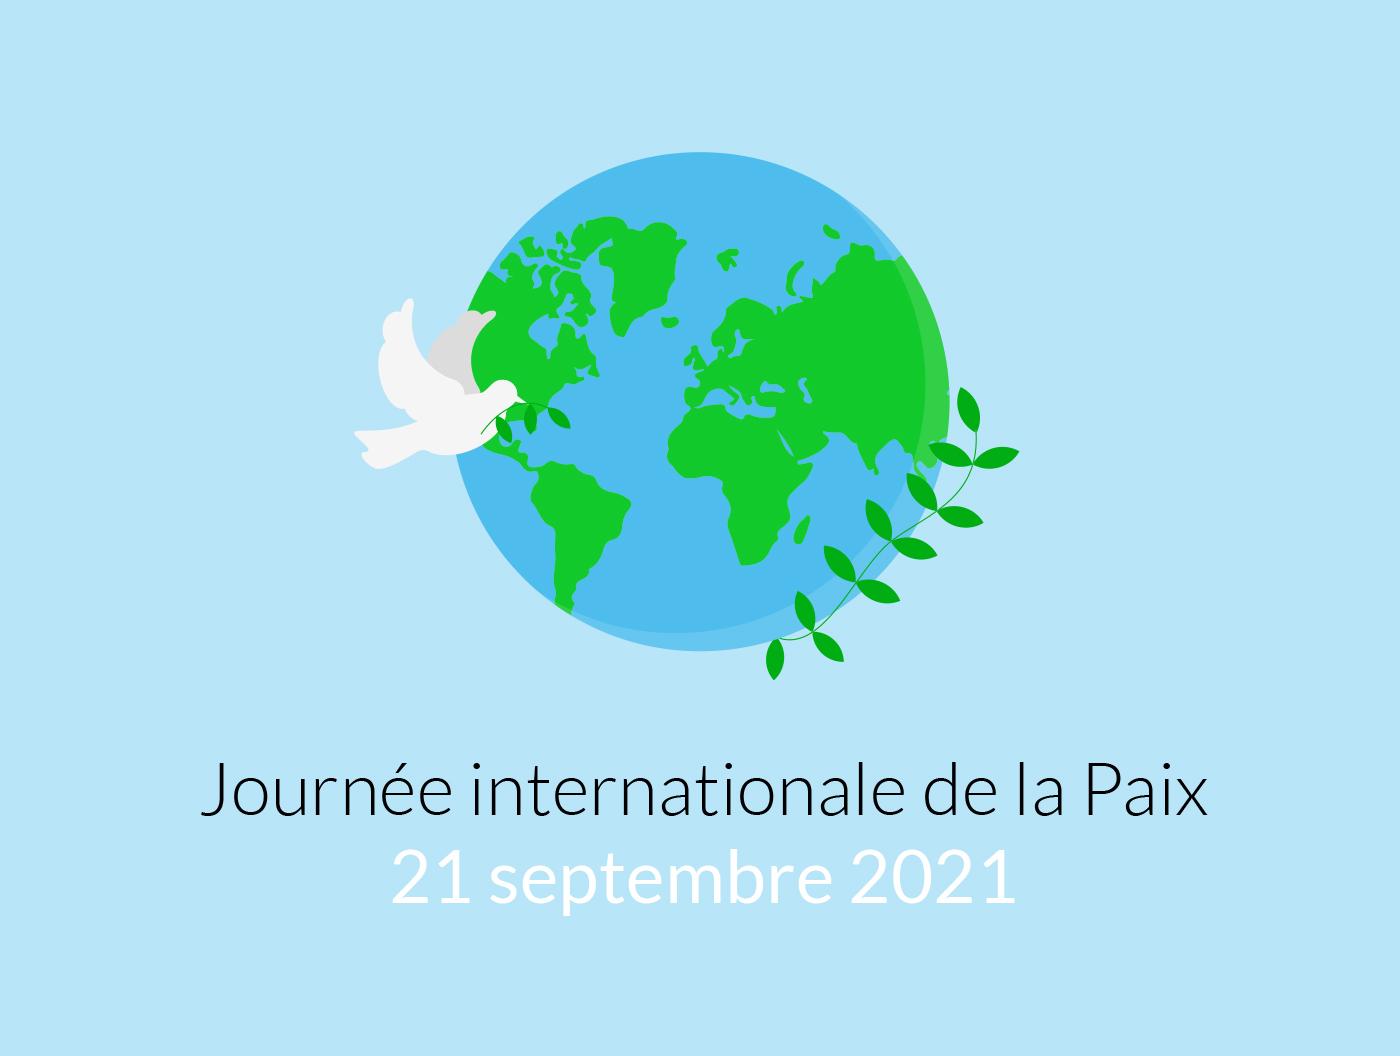 Photo de la dernière actualité - Aujourd'hui, c'est la Journée internationale de la Paix 🕊️